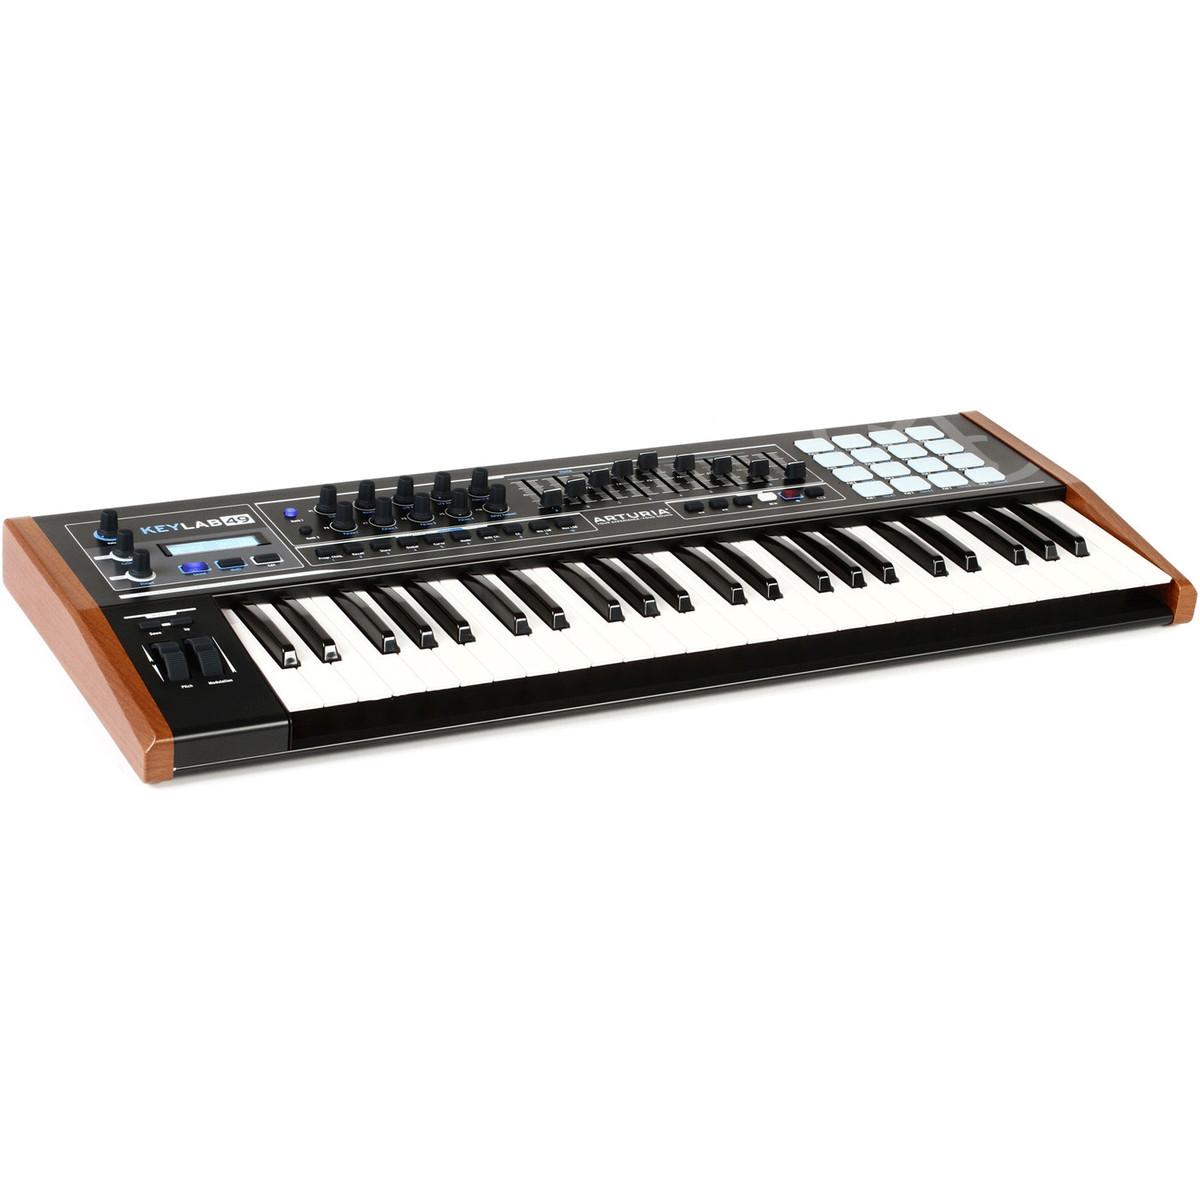 arturia keylab 49 black edition controller keyboard at. Black Bedroom Furniture Sets. Home Design Ideas